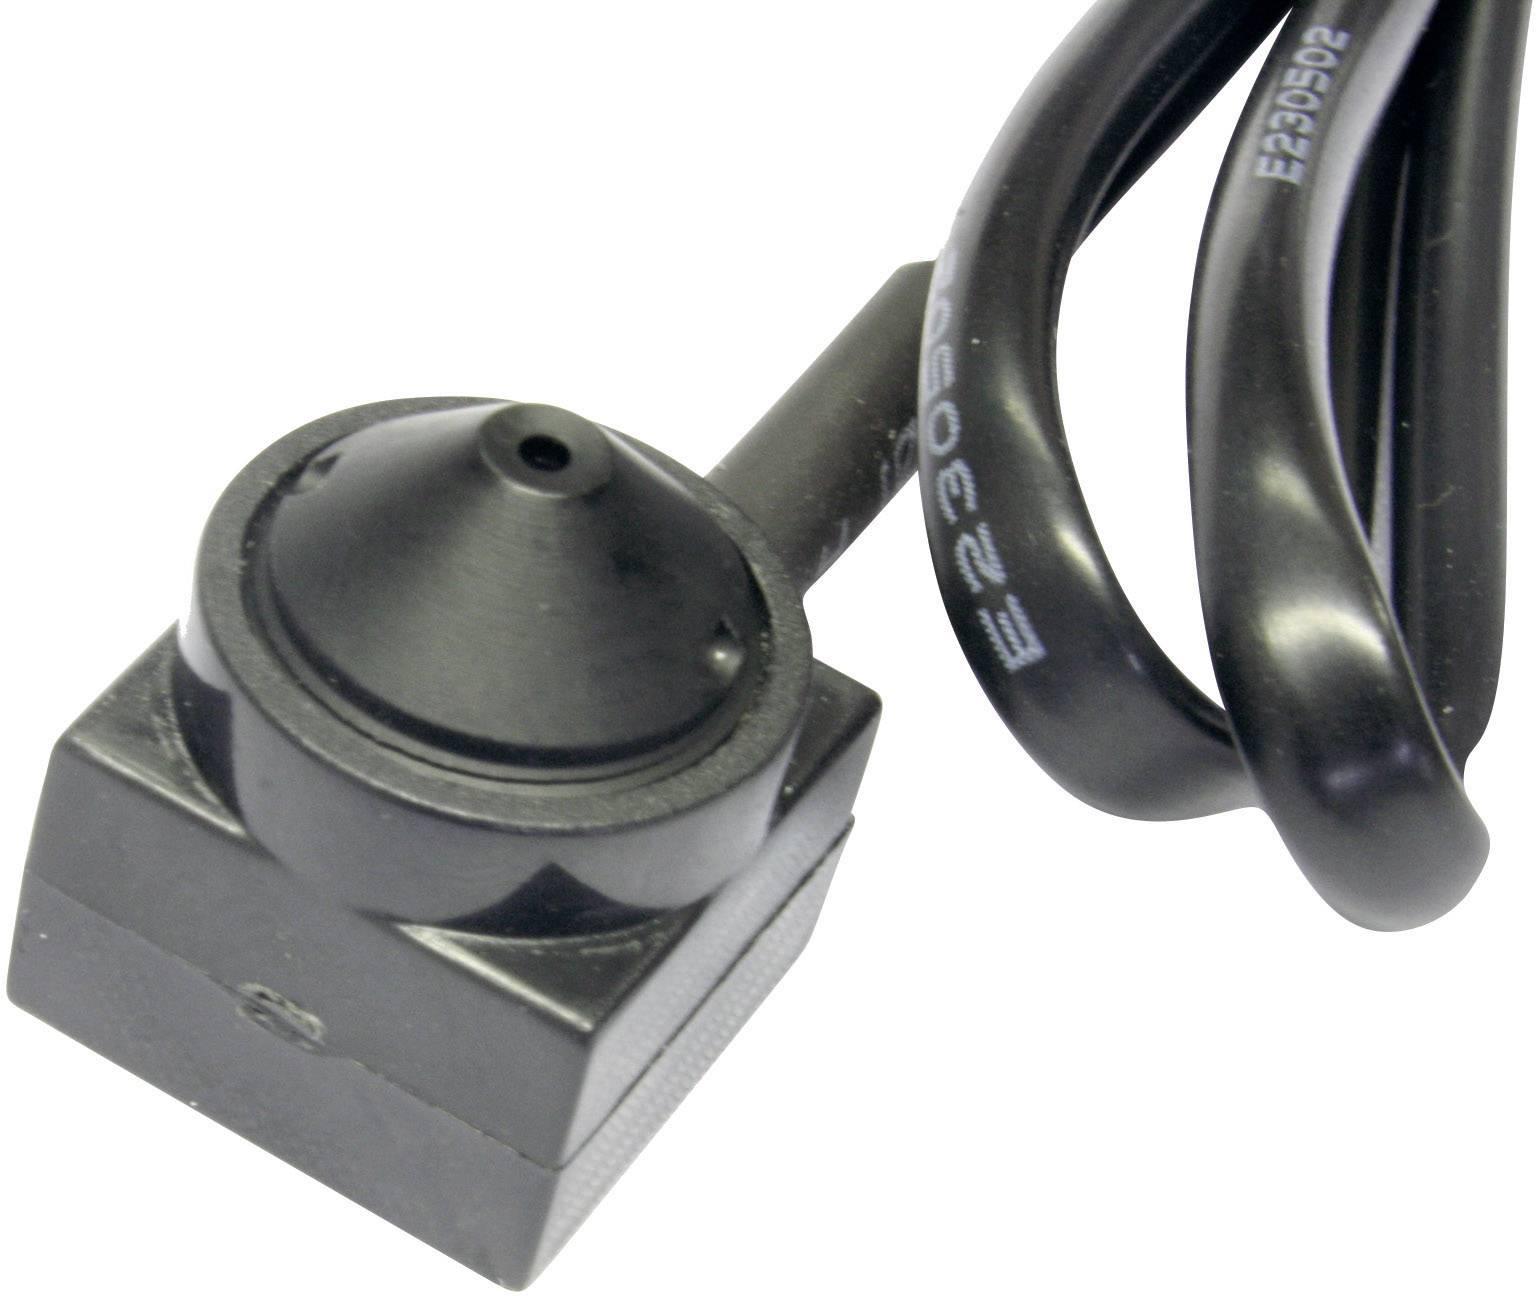 Mini pozorovacia kamera BSMK 40 U, 752 x 582 pix